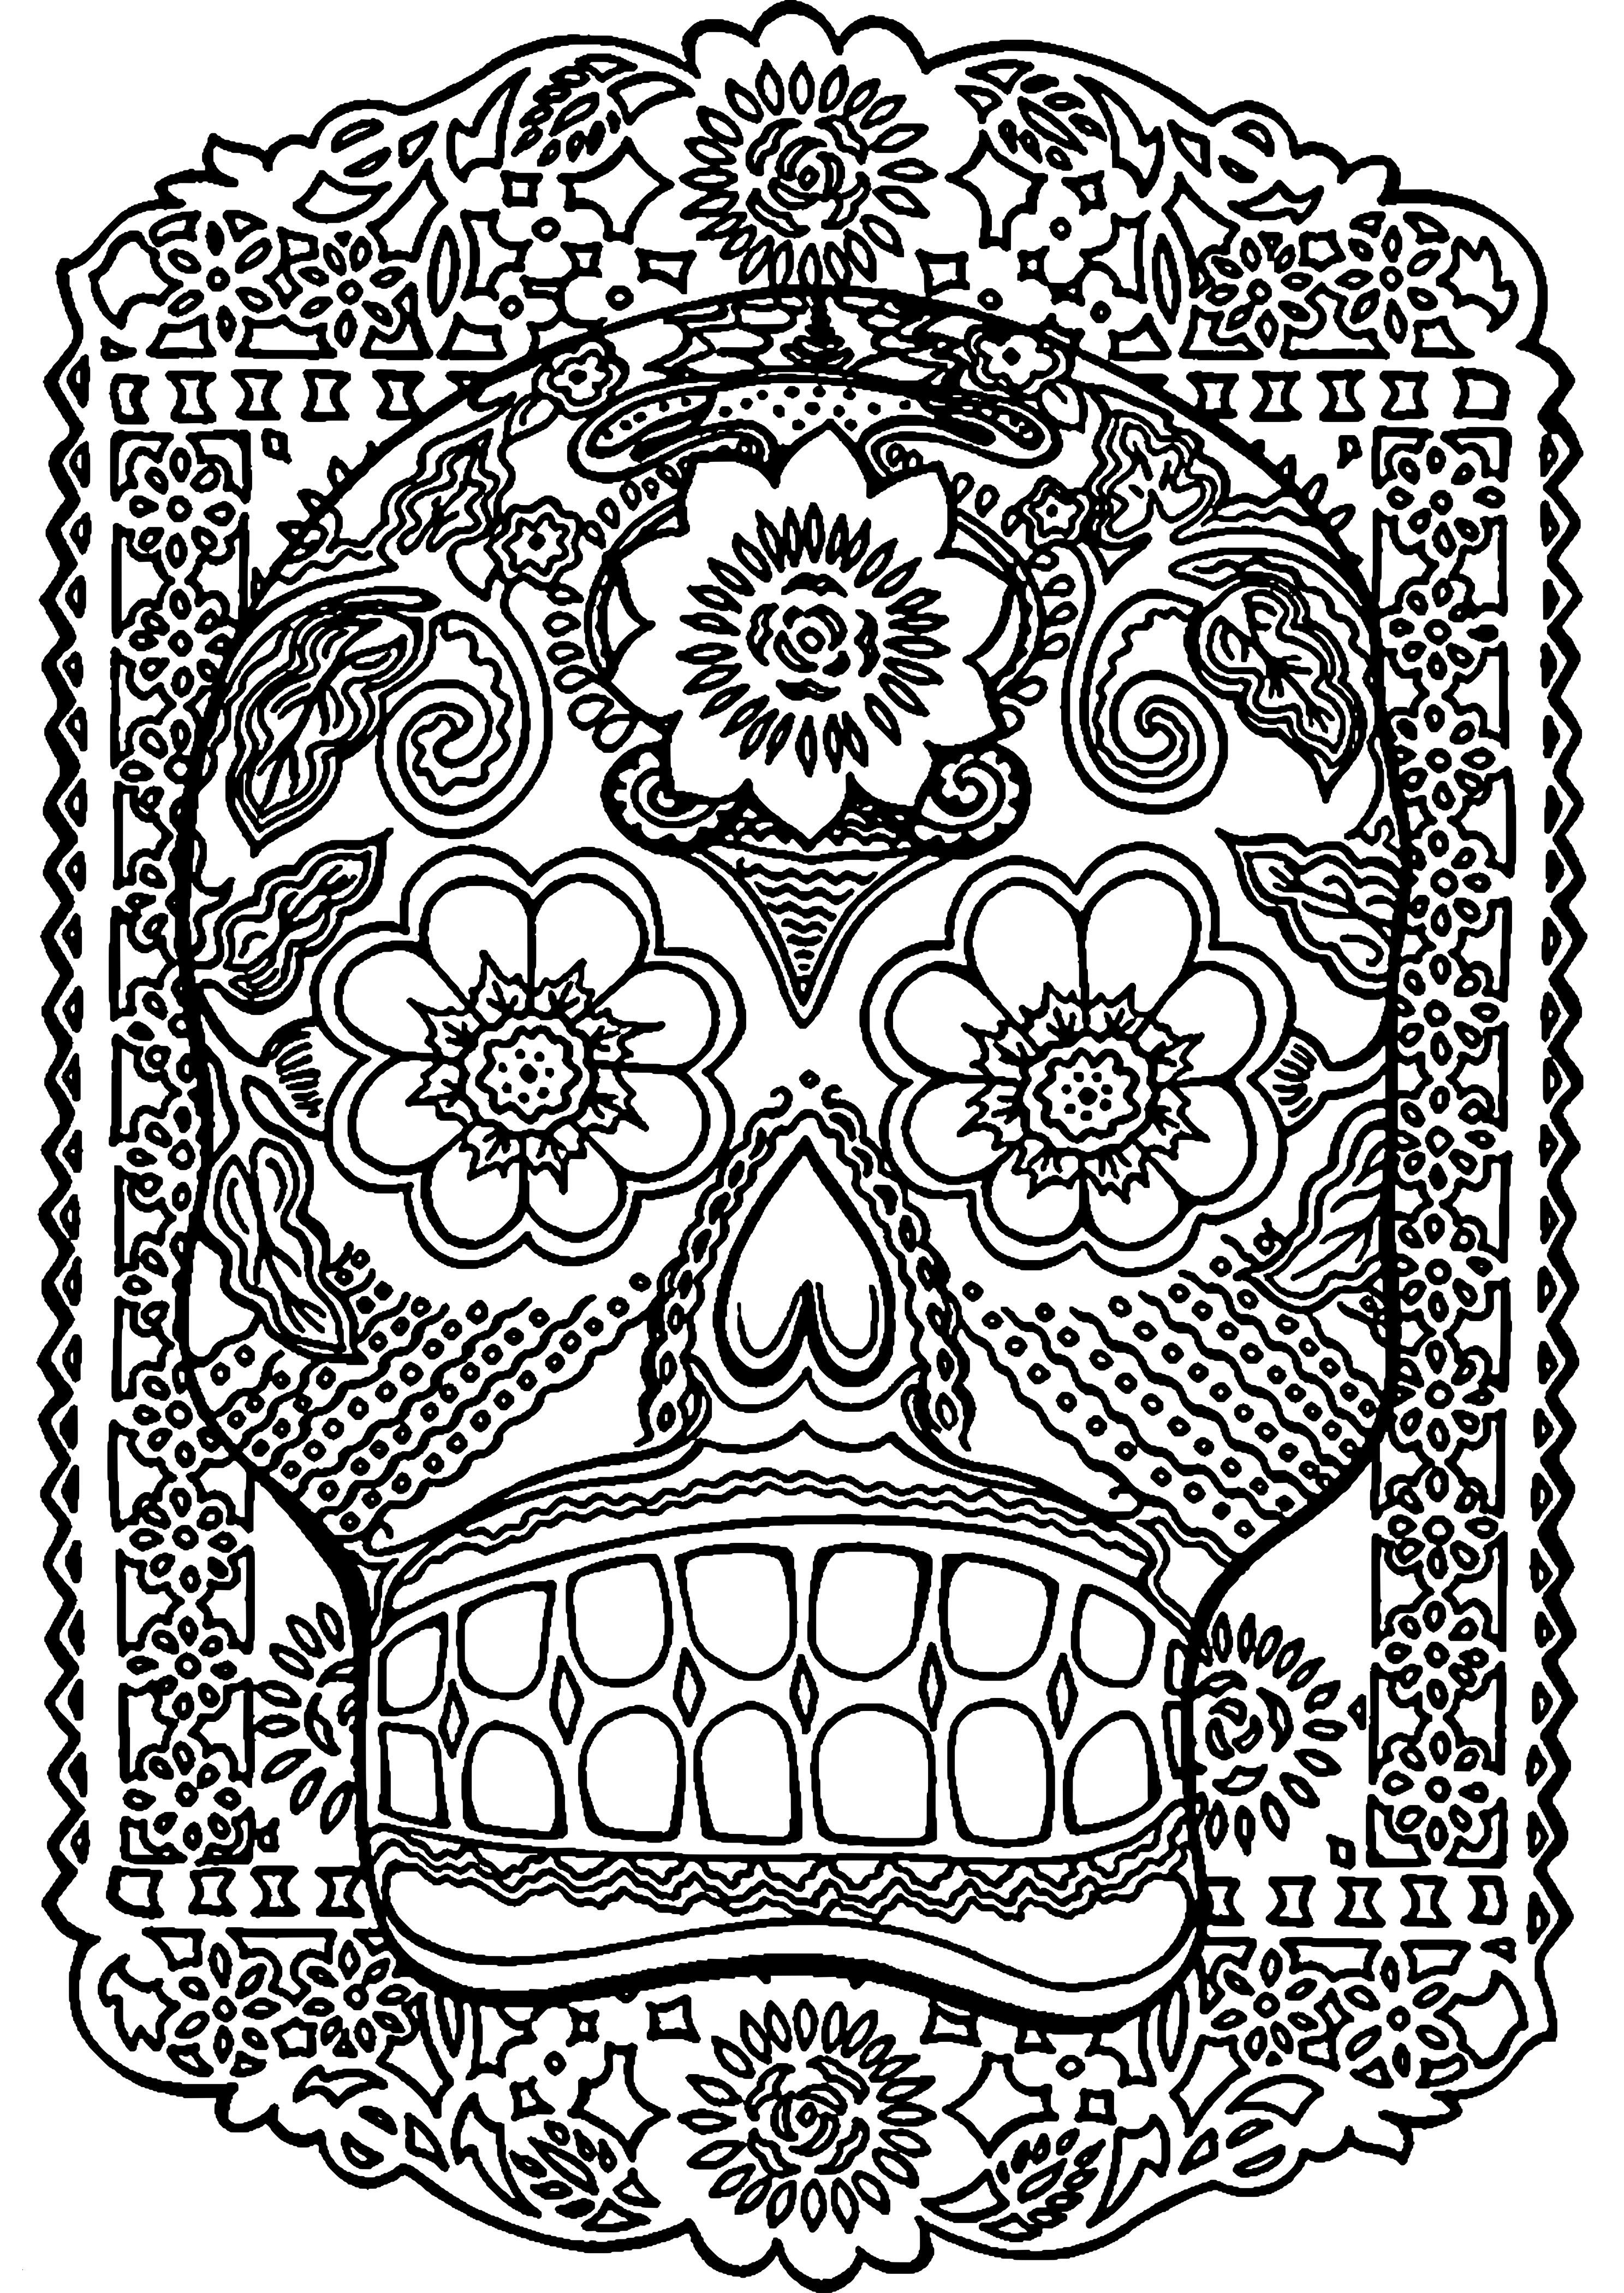 Harry Potter Ausmalbilder Wappen Inspirierend Malvorlagen Für Erwachsenen Inspirierend Kostenlose Malvorlagen Für Galerie